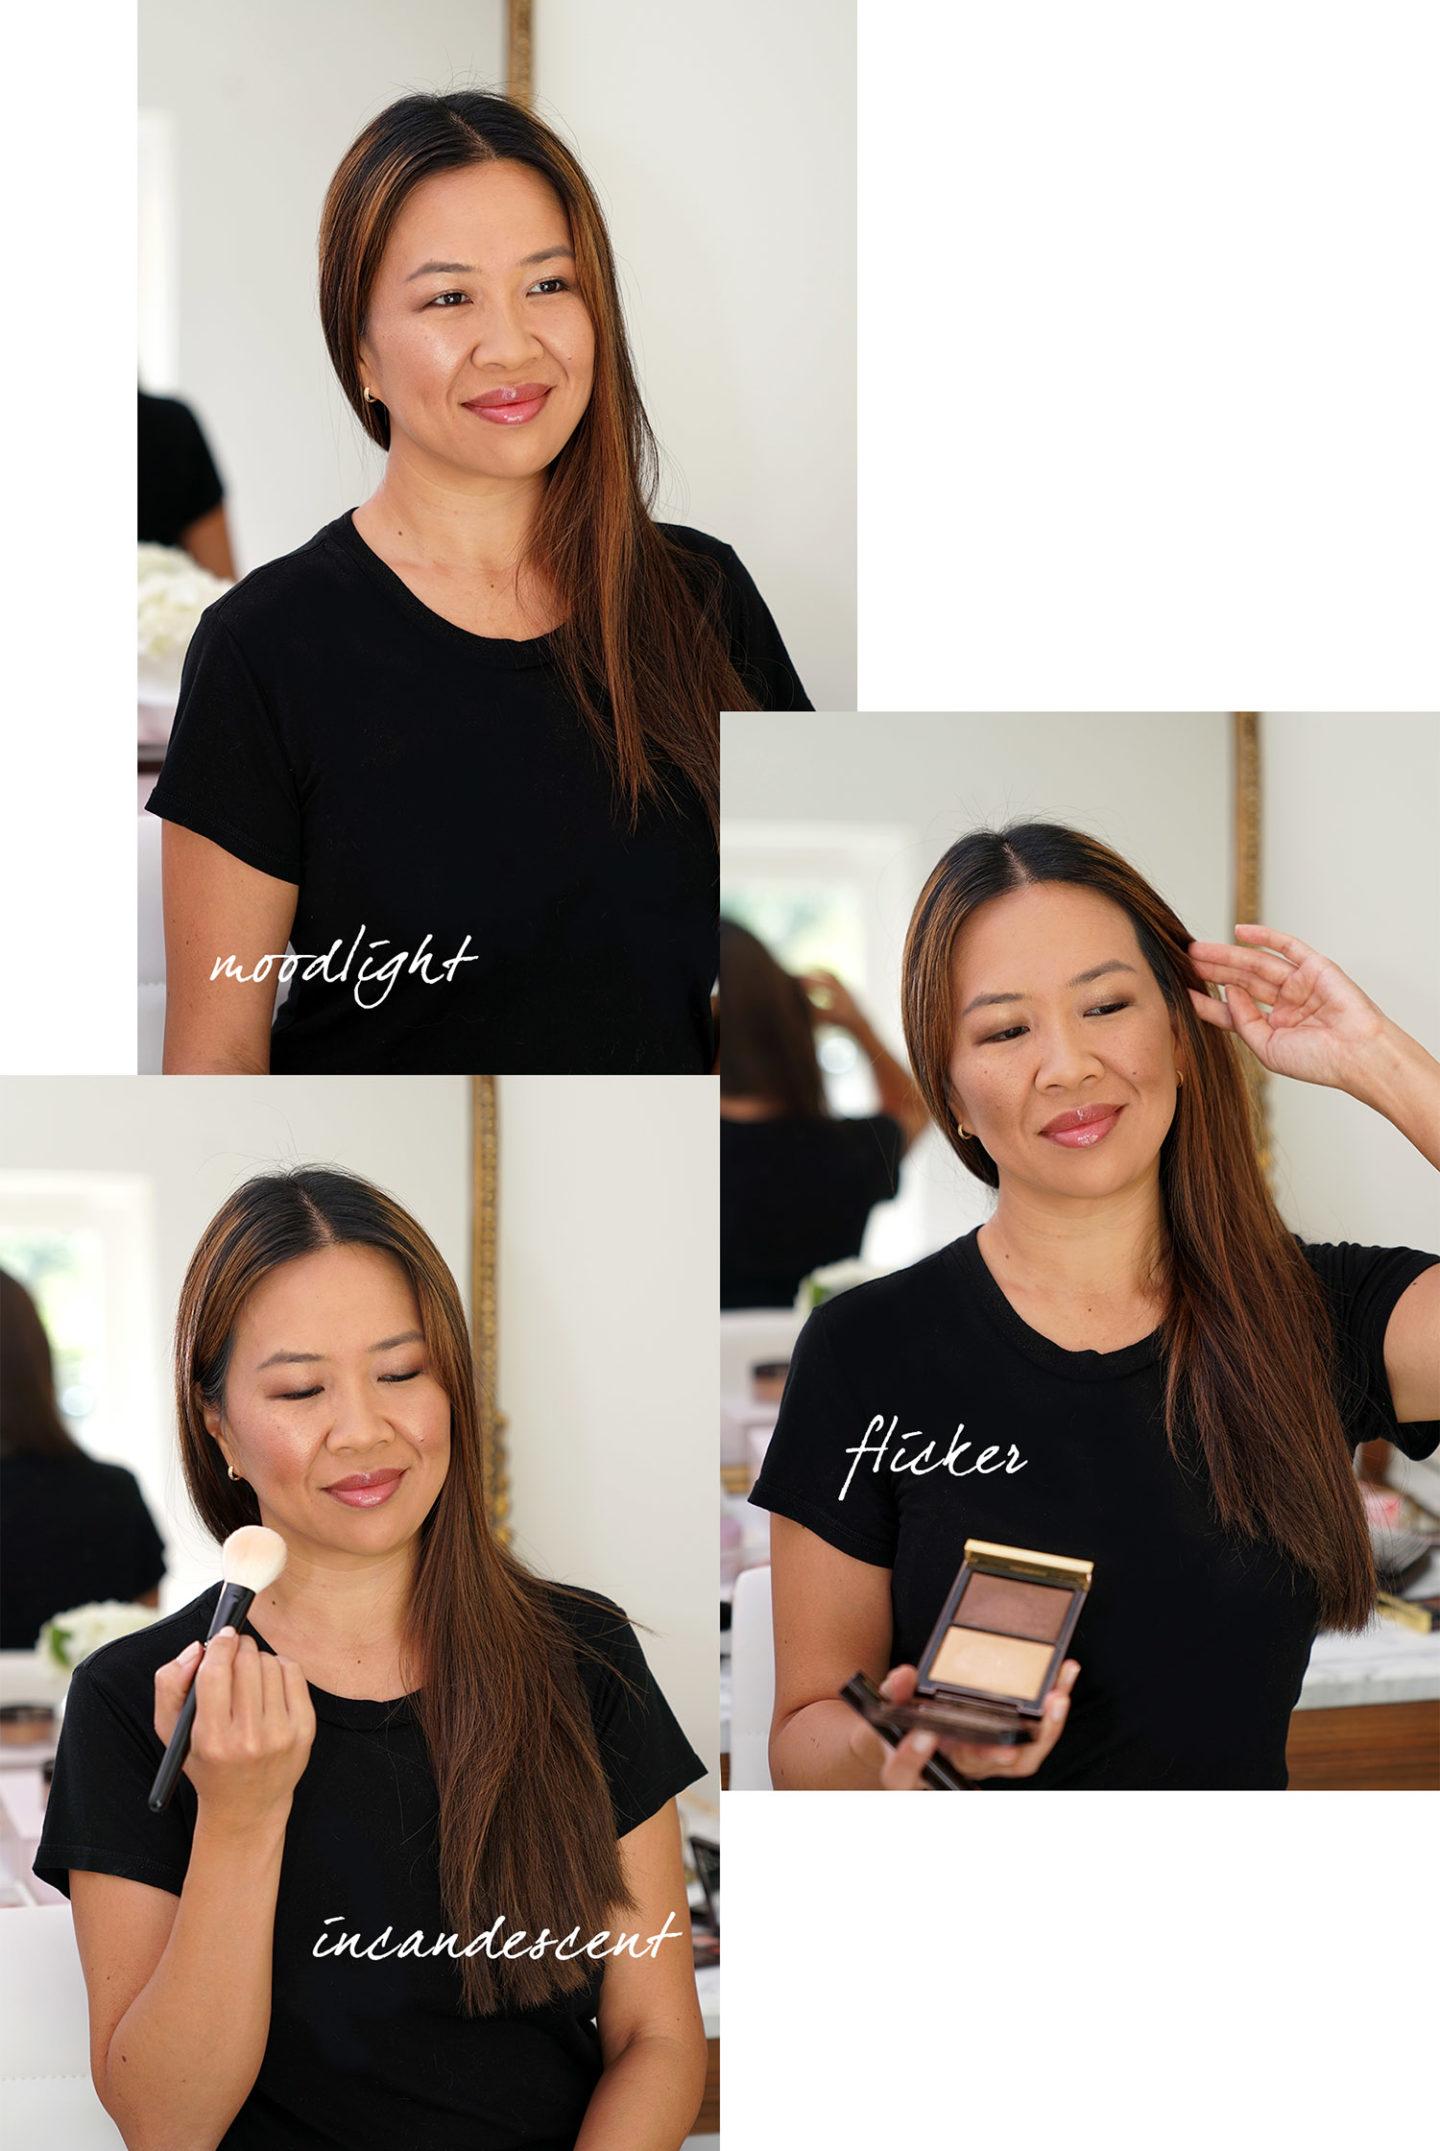 Duo éclairant pour la peau Tom Ford: le maquillage Moodlight, Flicker et Incandescent ressemble au nuancier